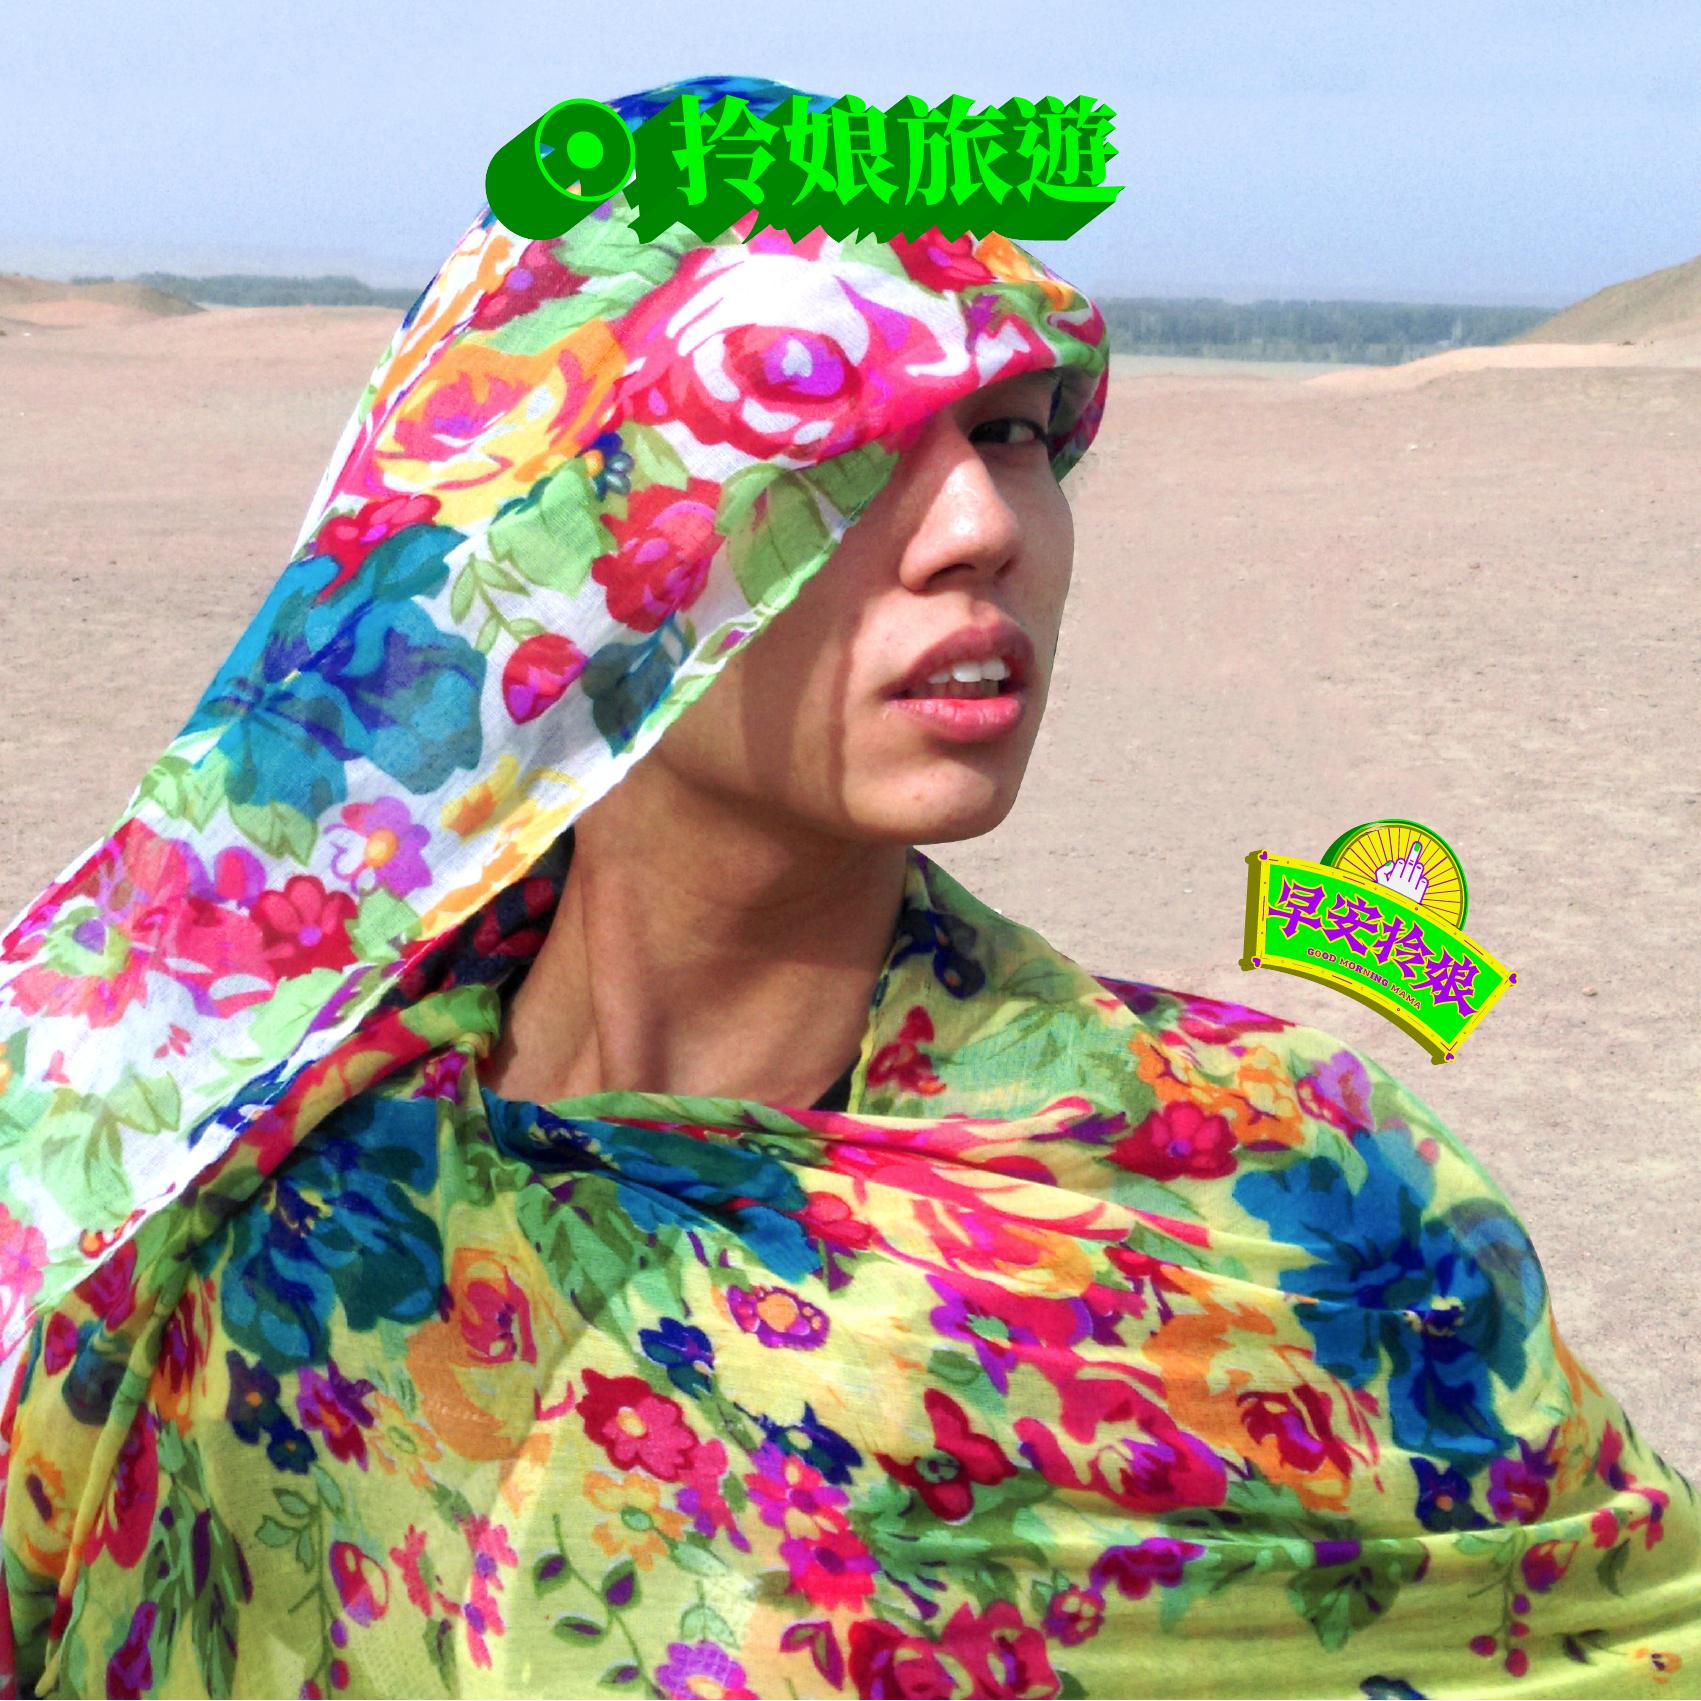 #13|旅遊|沙漠之花 の 絲路之旅|贈:哈爾濱冰雕展 ft. 隆隆|(❁´ω`❁)